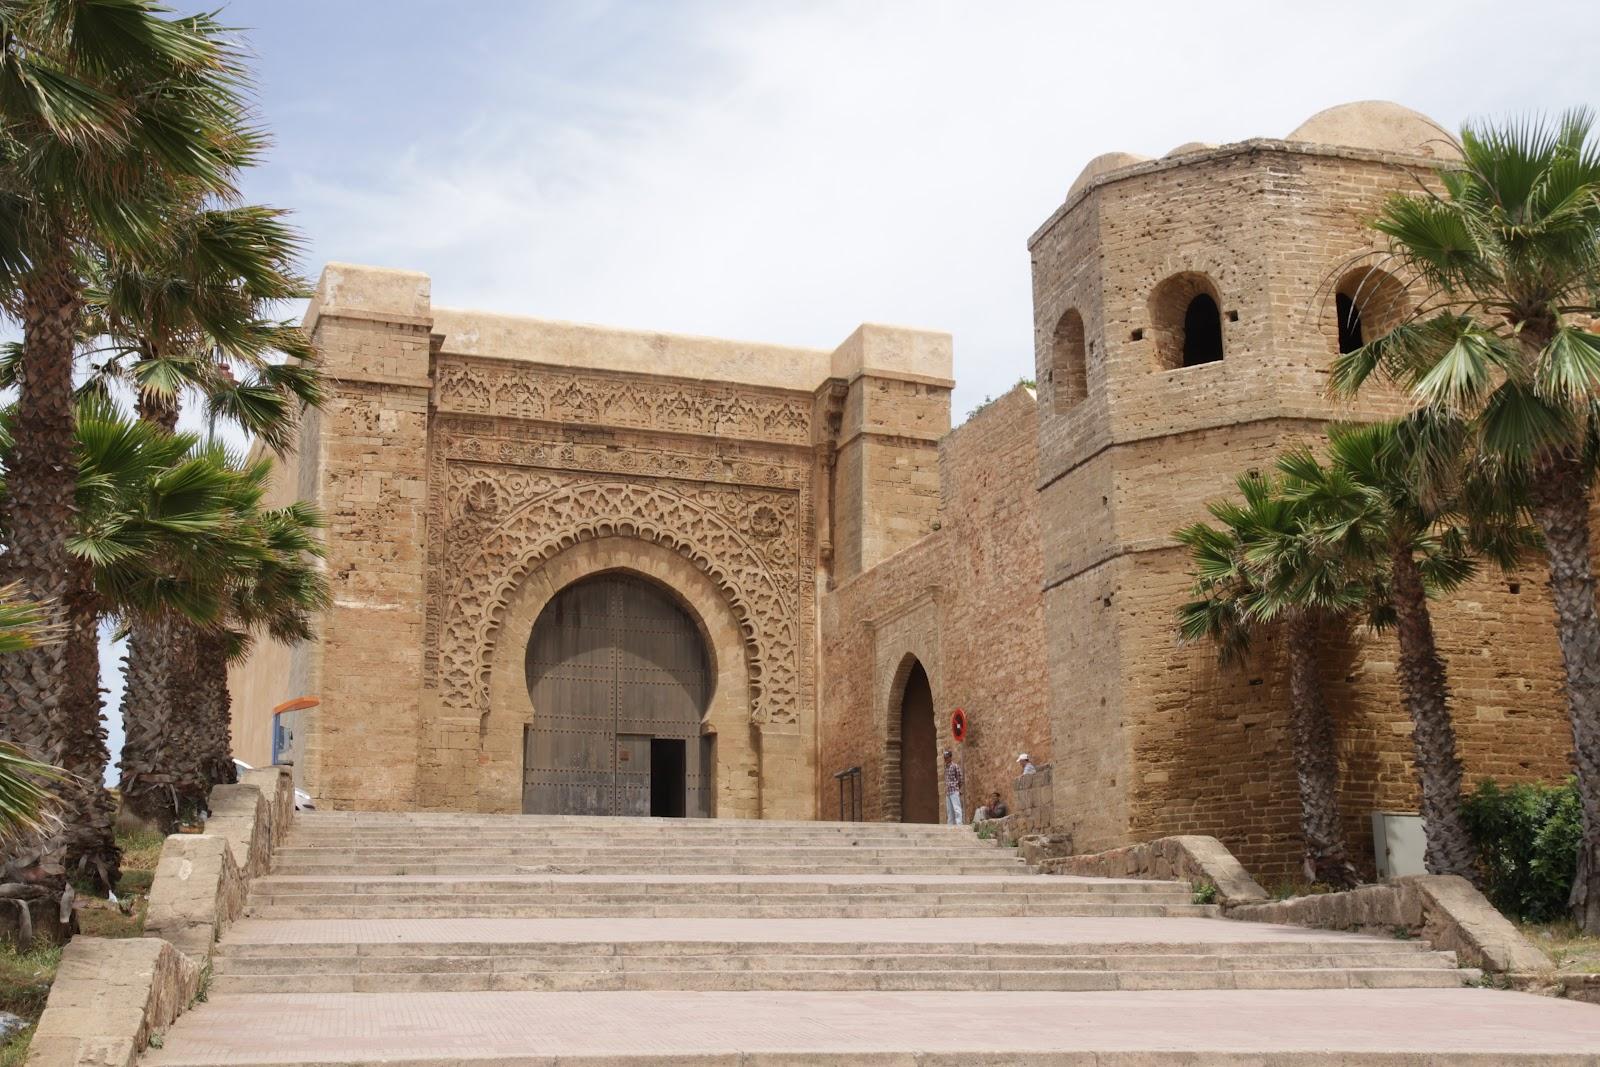 F&R in Marokko: mei 2012